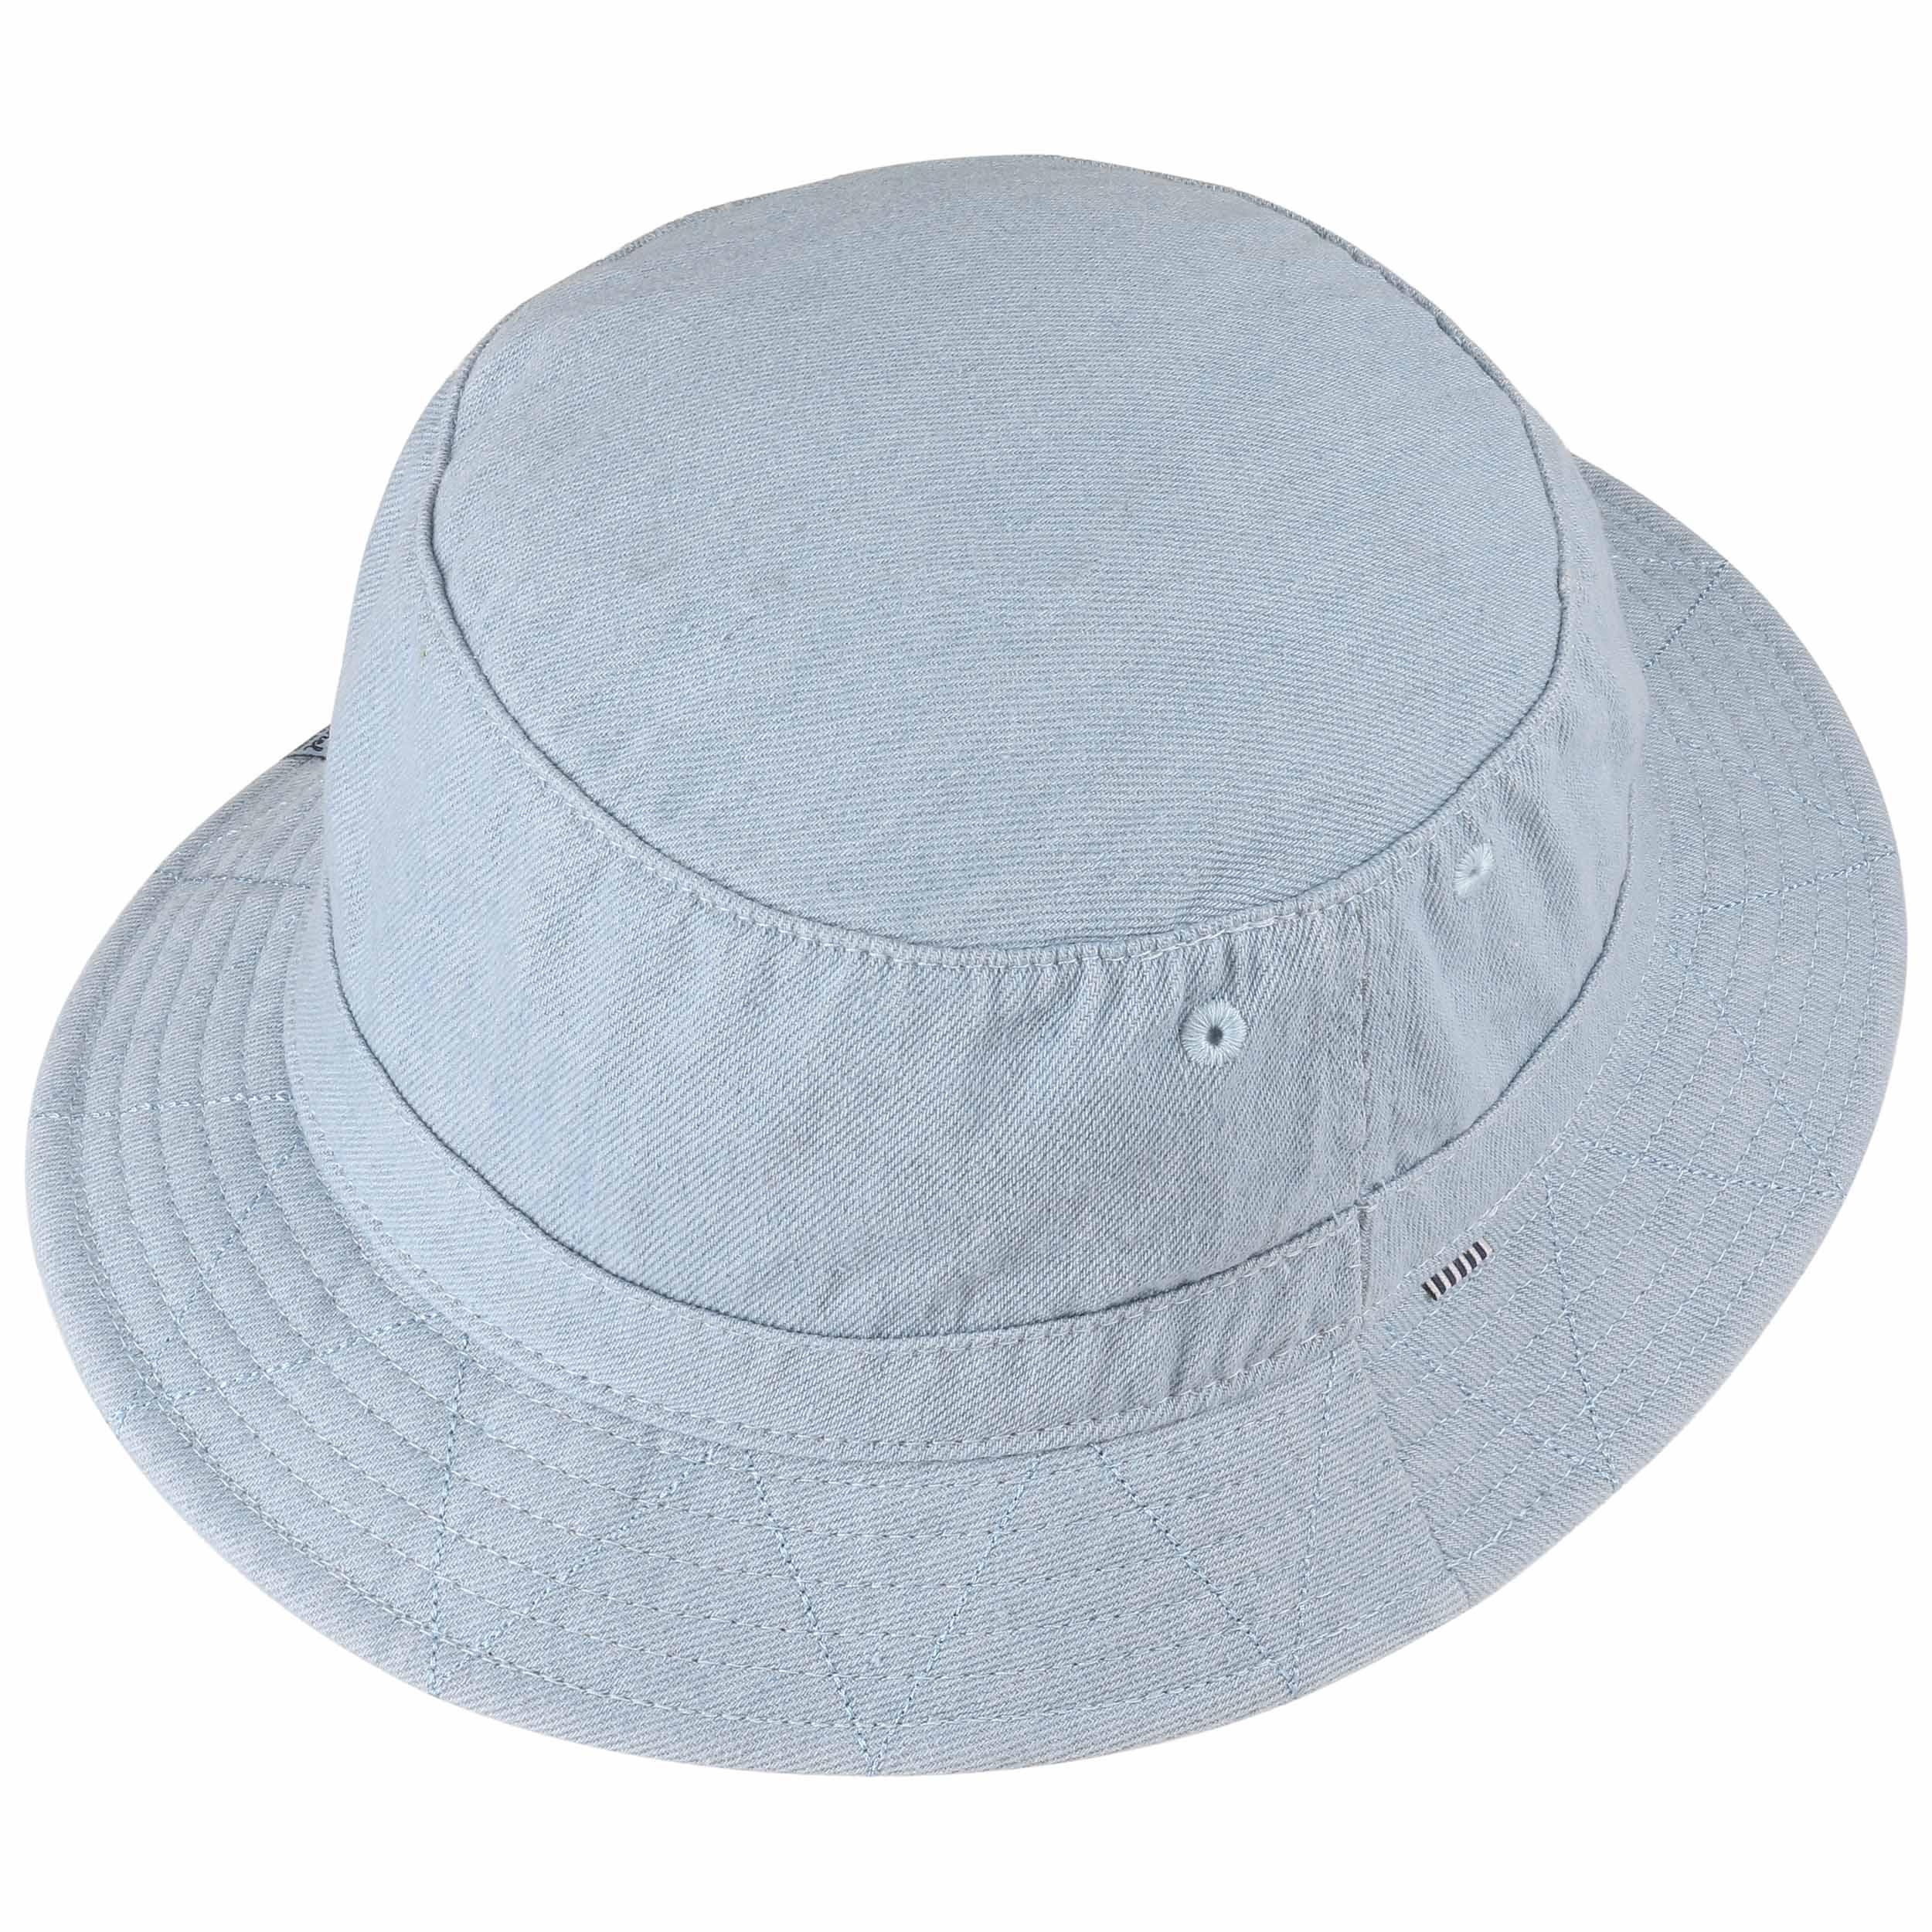 d840bd95095 Denim Bucket Hat by Herschel - denim 1 ...